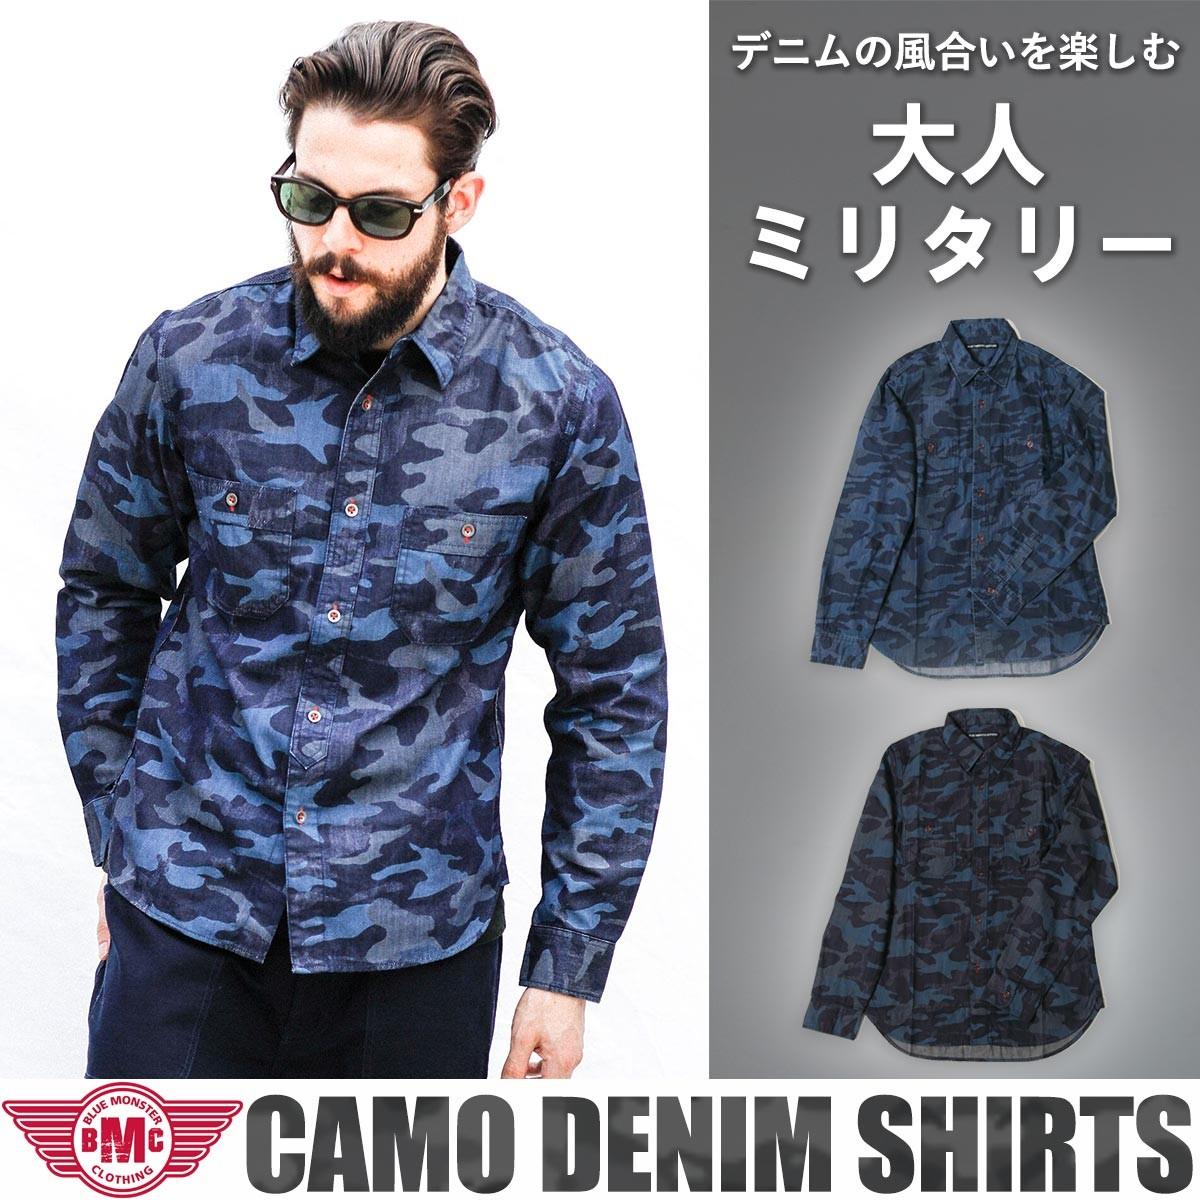 BMST01カモフラ柄デニムシャツ